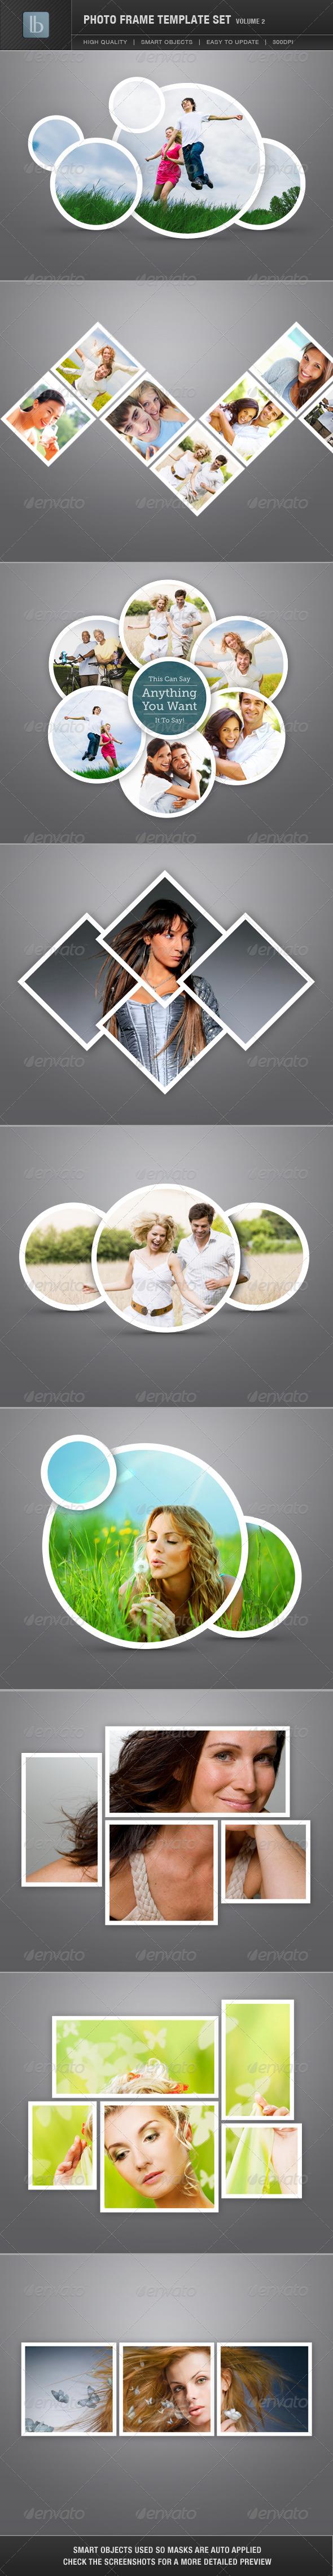 GraphicRiver Photo Frame Template Set Vol 2 1724109